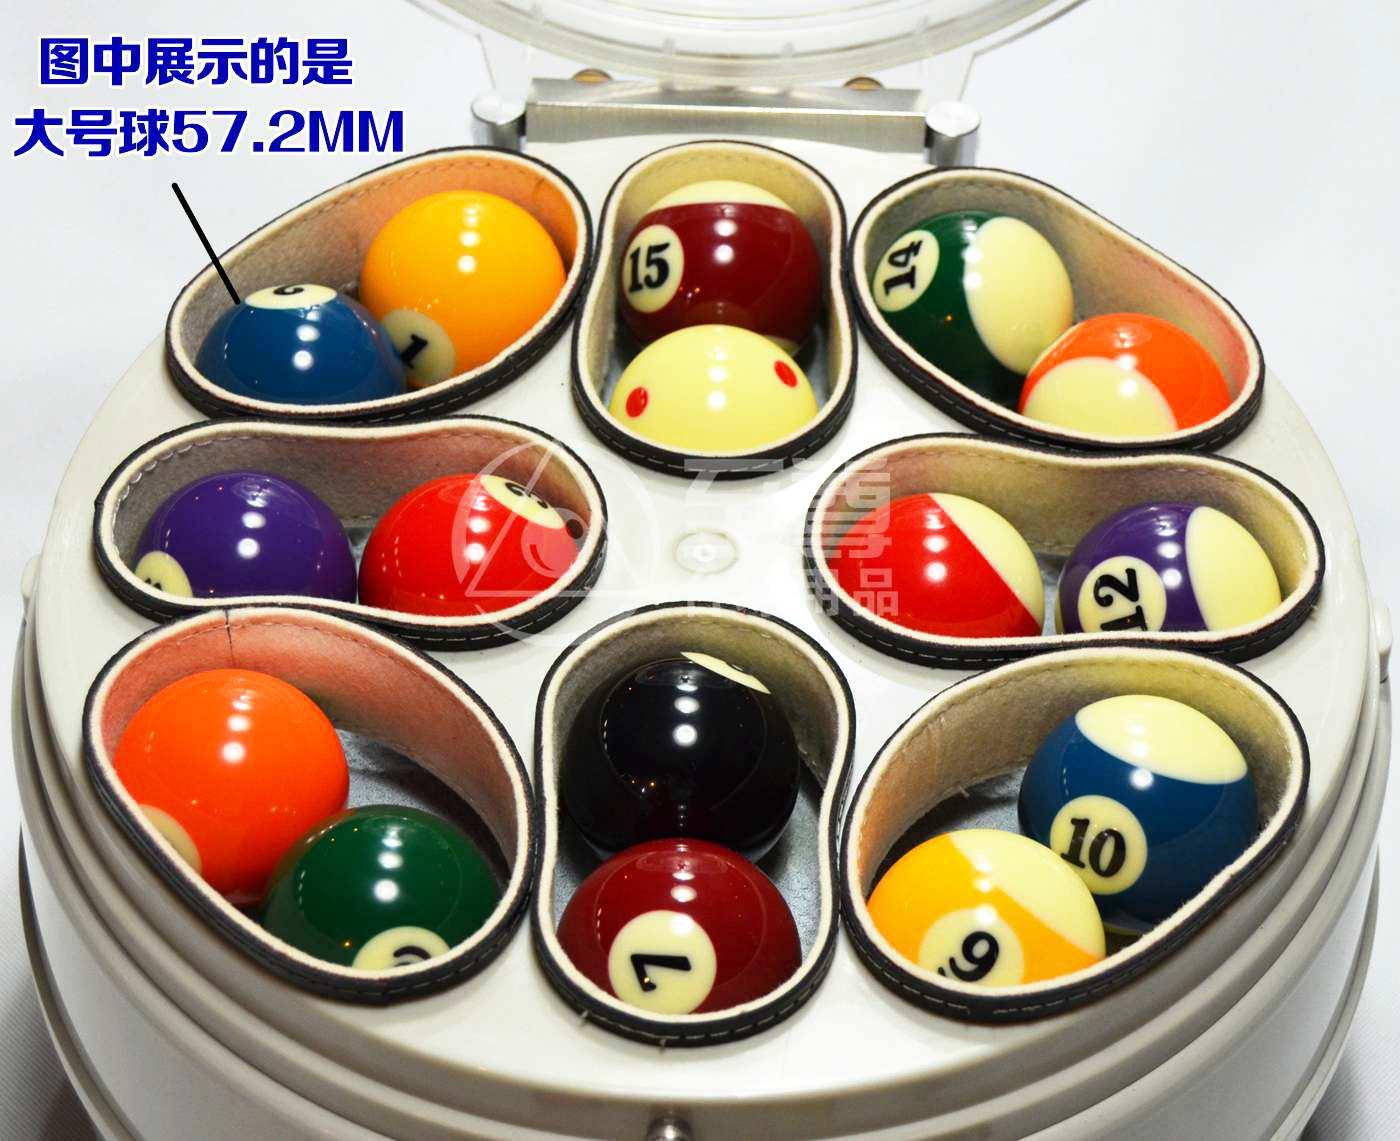 台球洗球机 16球 进口韩国美式英式尊爵羊毛圈羊毛垫台球用品